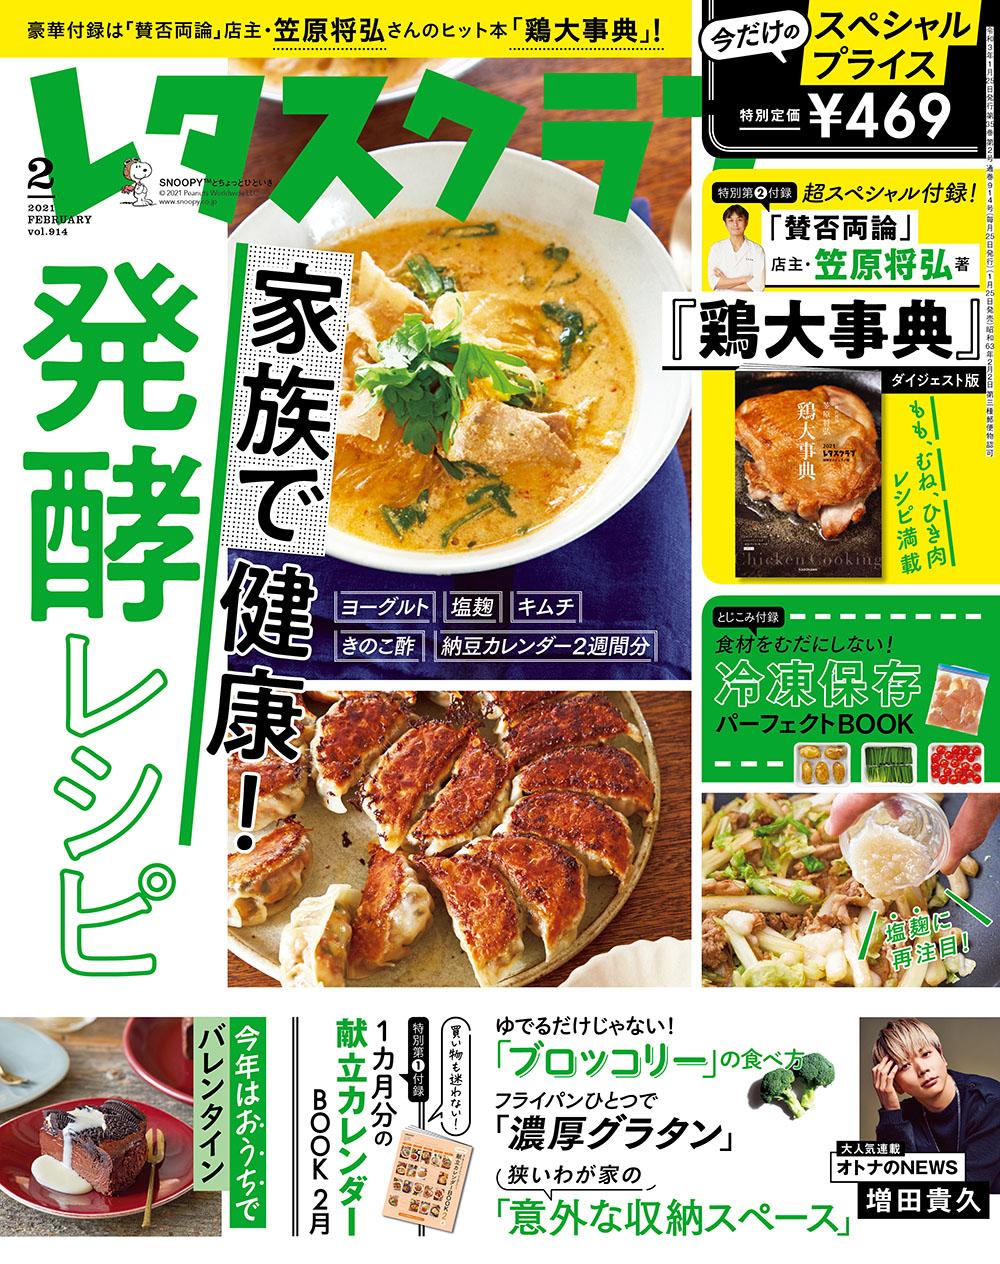 レタスクラブ '21 2月号 469円